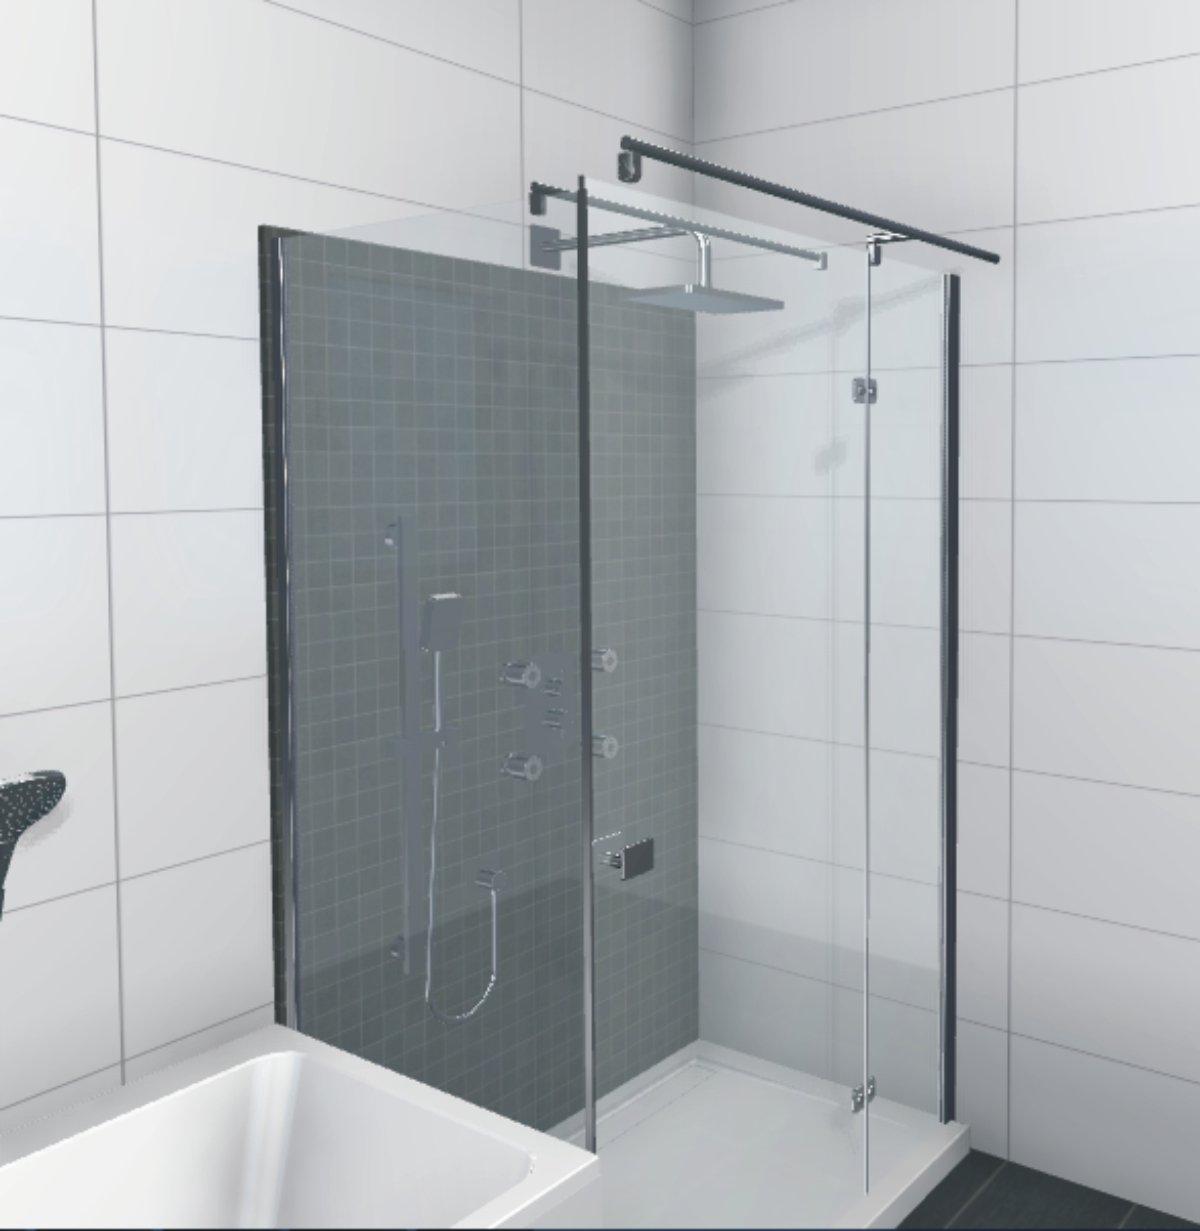 hsk duschkabine premium softcube d rechteck dusche verk rzte seitenwand arcom center. Black Bedroom Furniture Sets. Home Design Ideas